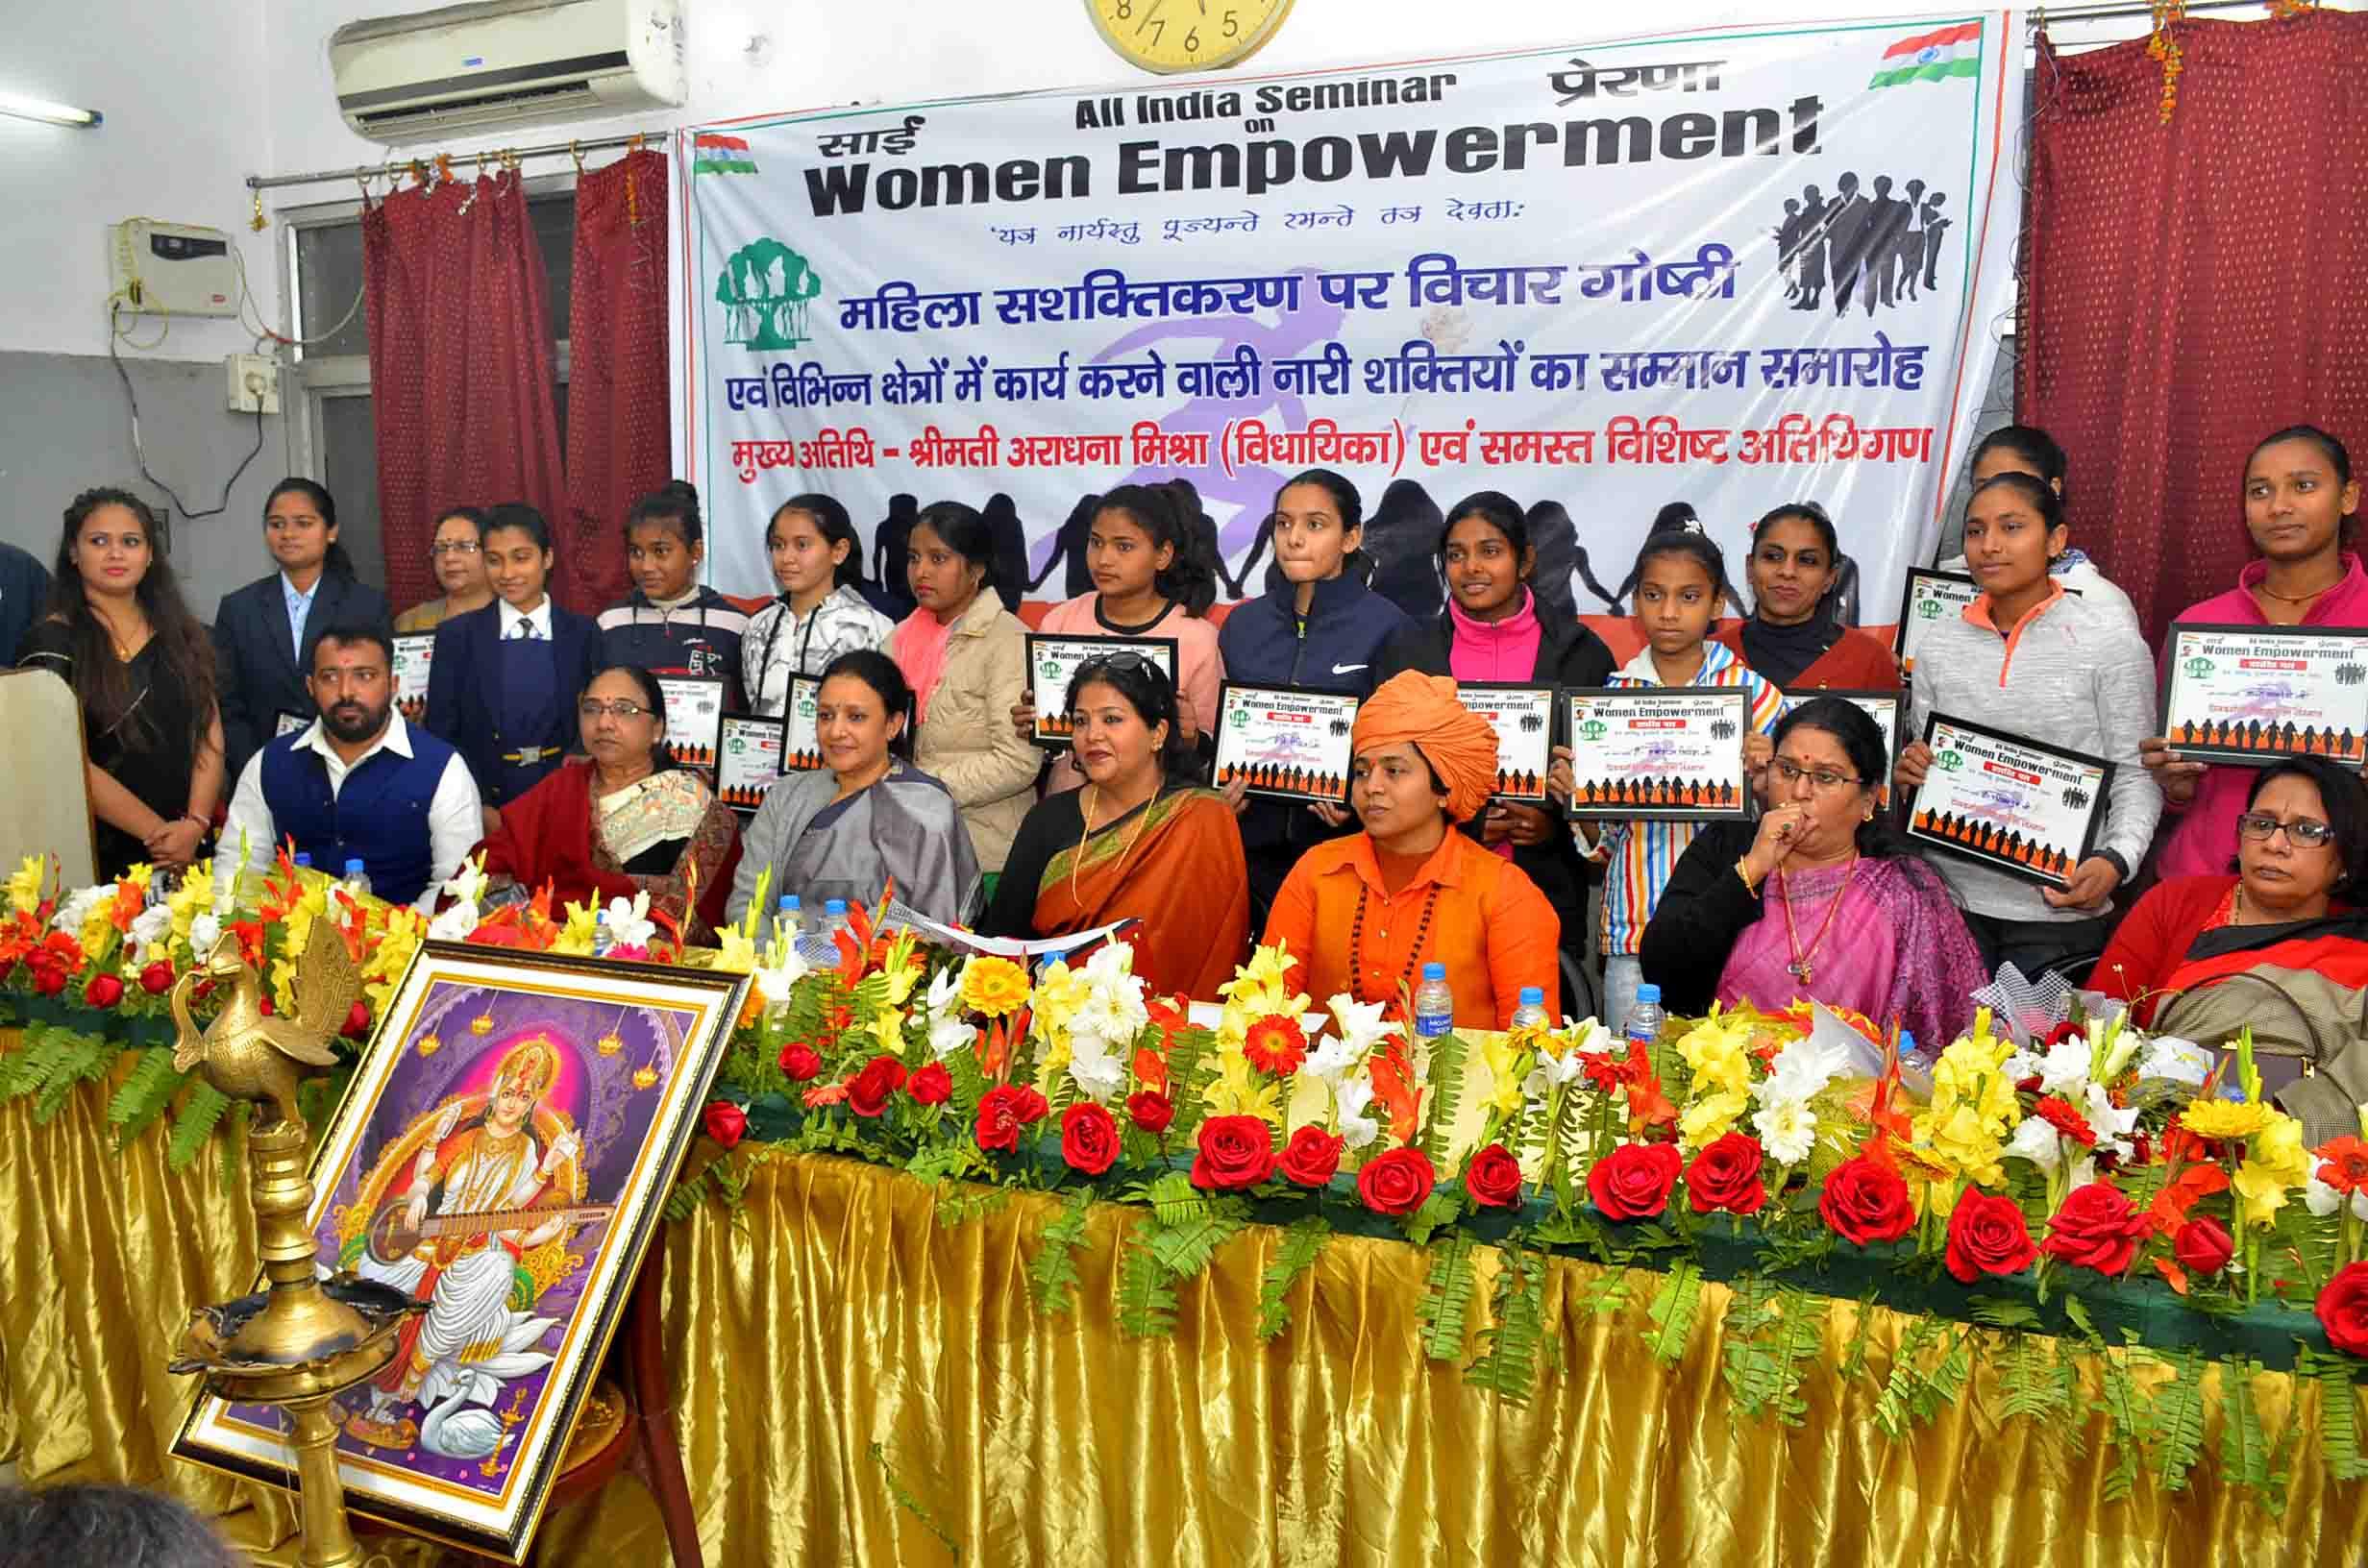 महिलाओं की मदद के लिए बनेगी डायरेक्ट्री